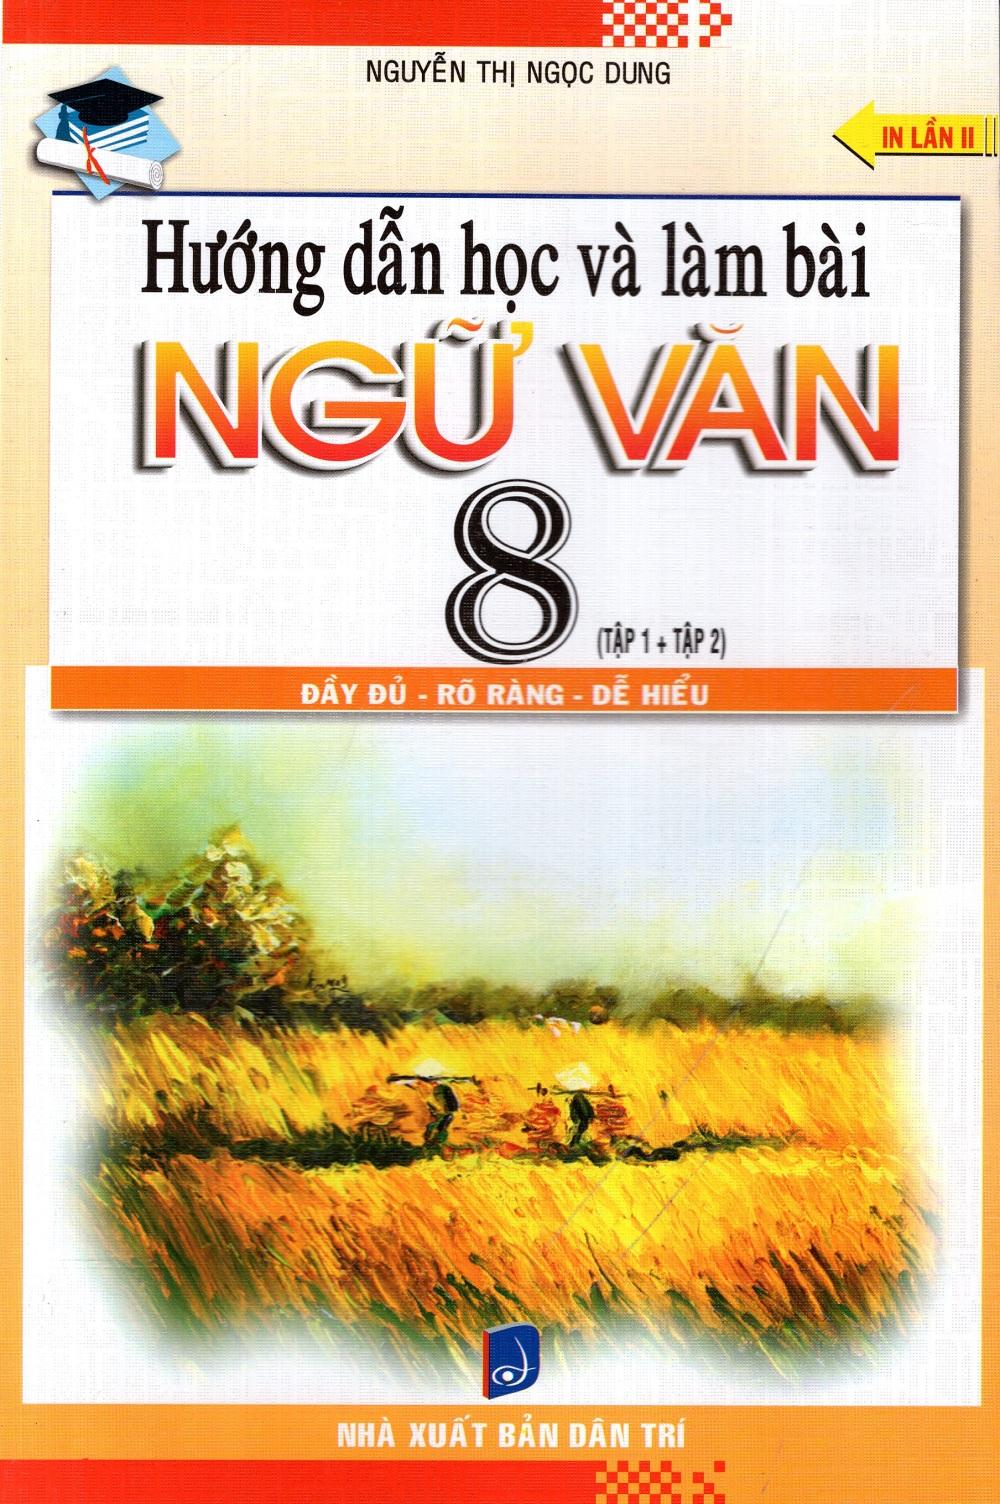 Hướng Dẫn Học Và Làm Bài Ngữ Văn Lớp 8 (Tập 1 + Tập 2) - 8936039378372,62_209662,39000,tiki.vn,Huong-Dan-Hoc-Va-Lam-Bai-Ngu-Van-Lop-8-Tap-1-Tap-2-62_209662,Hướng Dẫn Học Và Làm Bài Ngữ Văn Lớp 8 (Tập 1 + Tập 2)